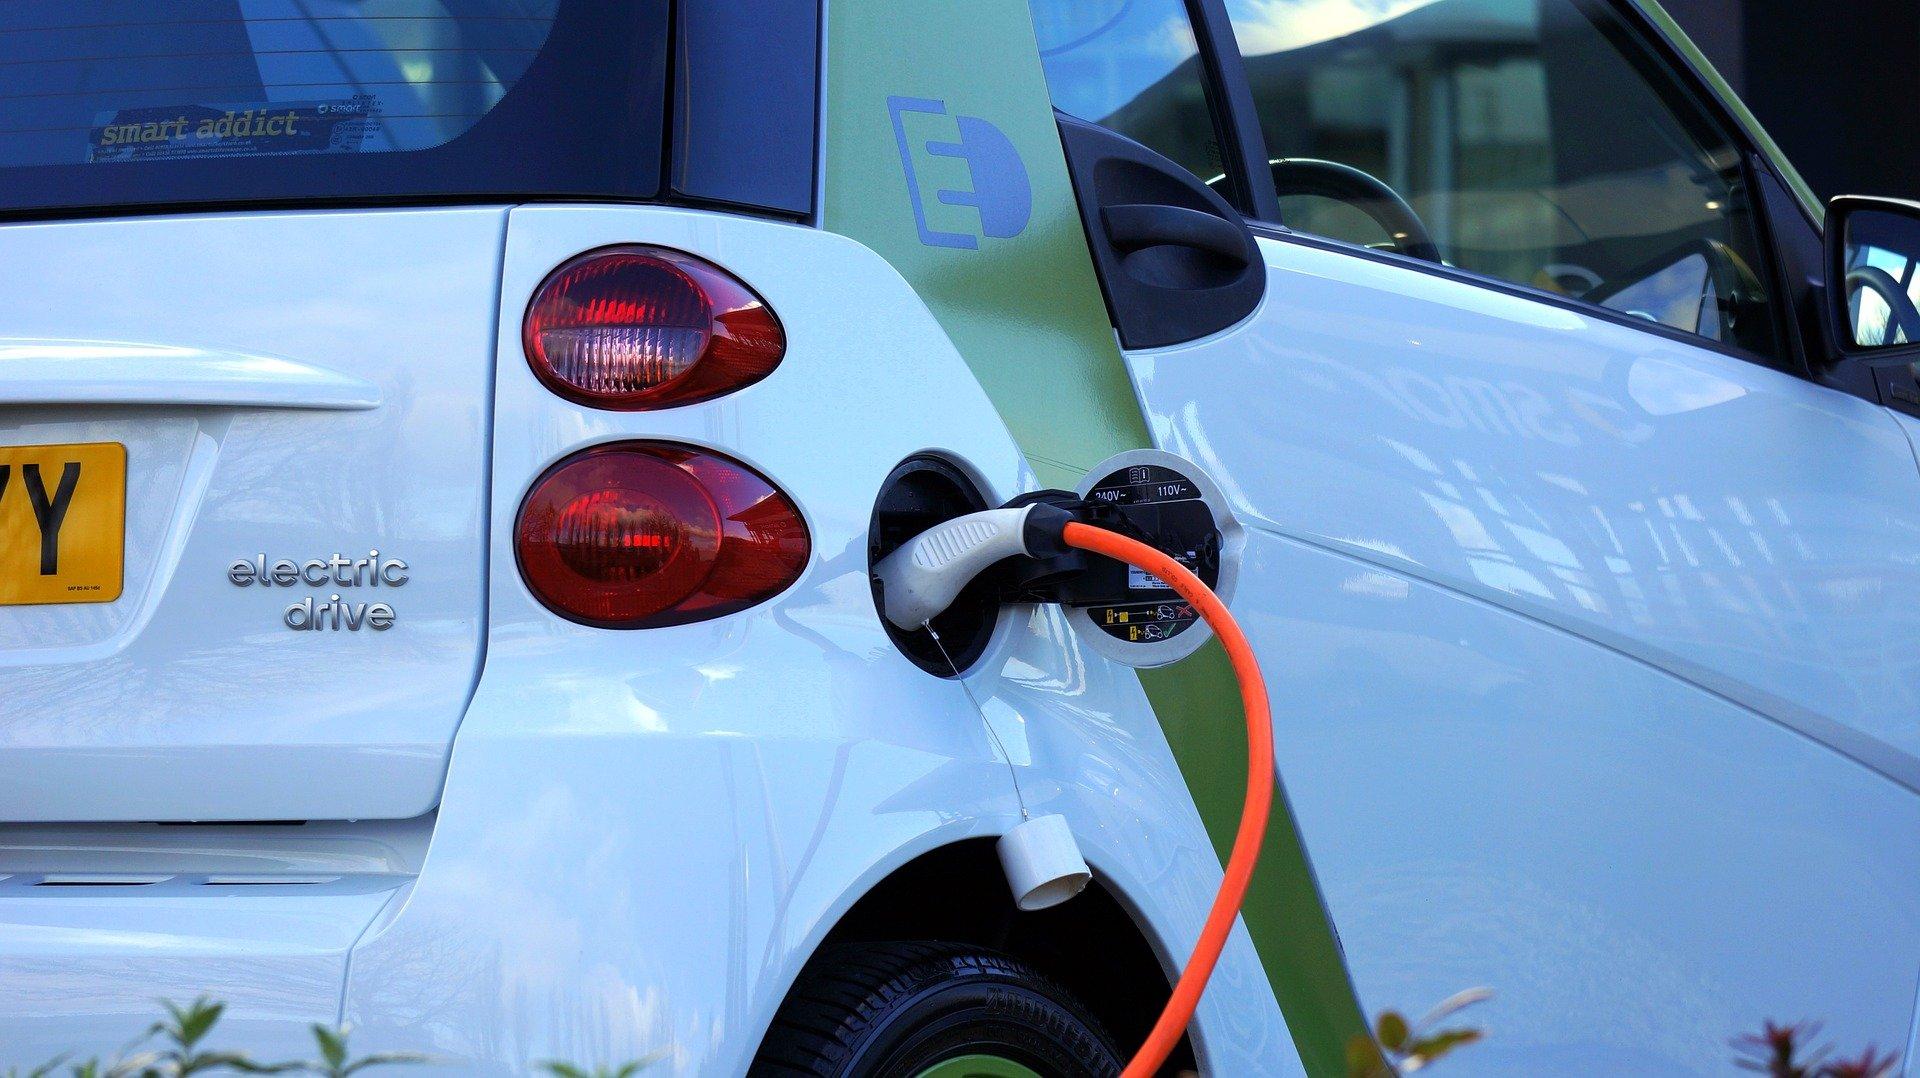 El Ayuntamiento de Madrid confía a AGREMIA la gestión de las ayudas para la instalación de casi 2.000 puntos de recarga para el vehículo eléctrico